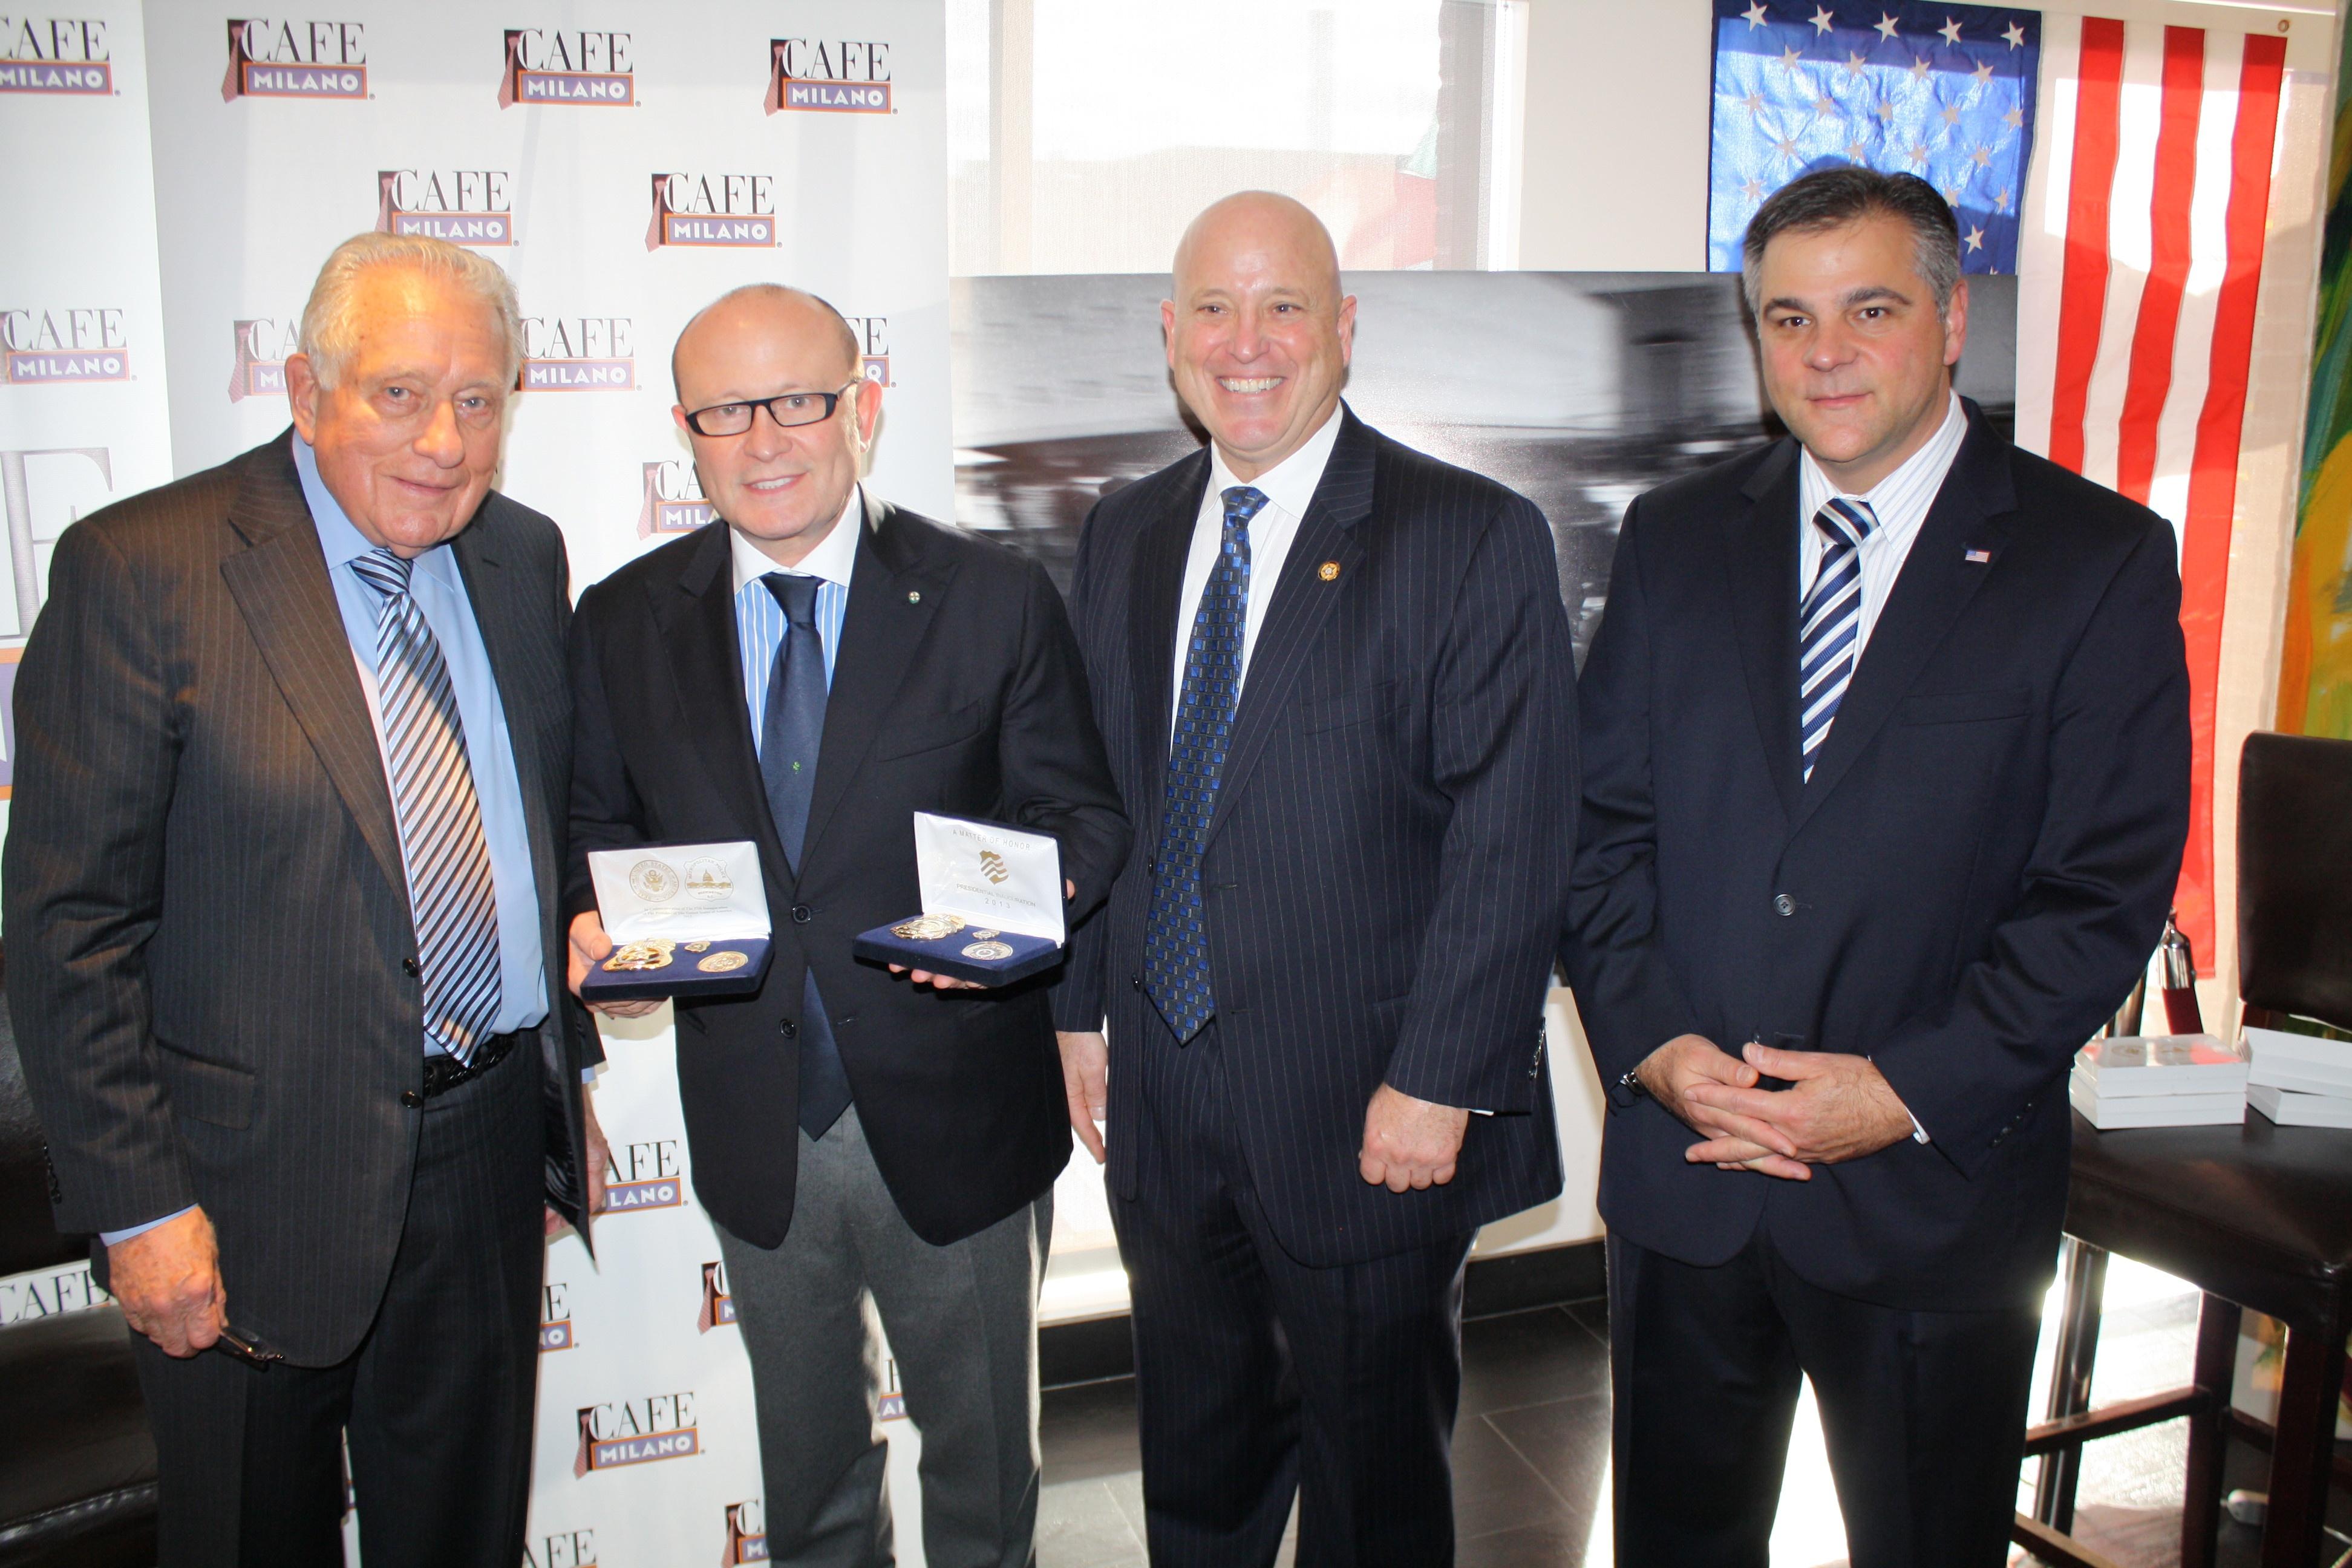 Clint Hill, Franco, Nuschese, Marcello Muzzatti and Daniel DeSimone at Cafe Milano, Photo Courtesy of Haddad Media